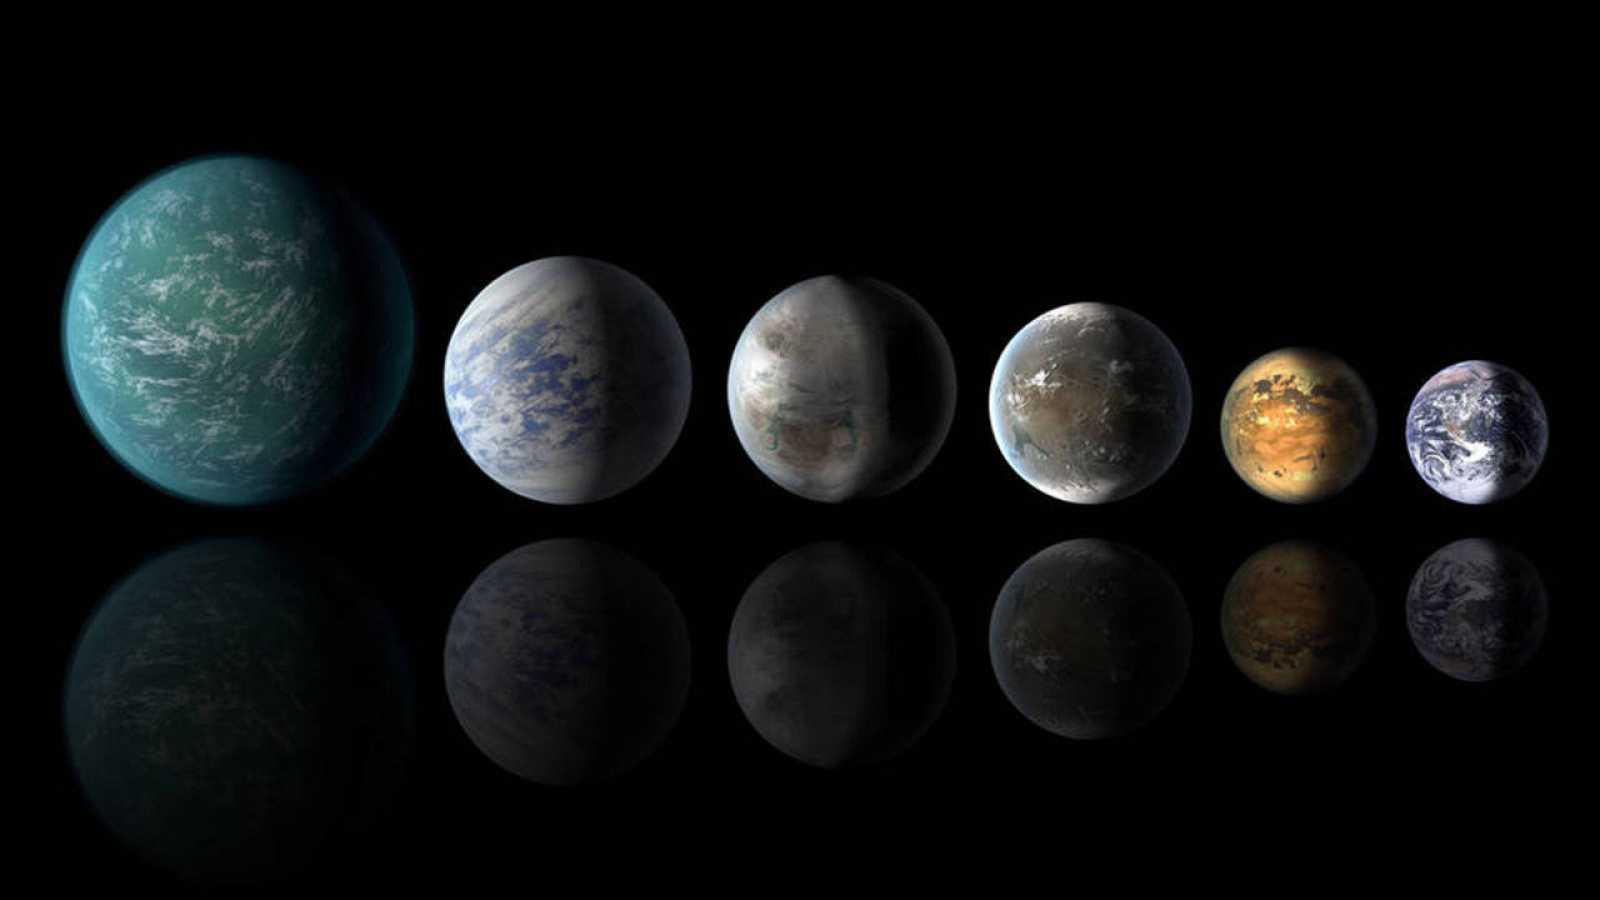 Los mundos encontrados tienen superficie rocosa o acuática, y orbitan sus estrellas a una distancia que permite la existencia de agua líquida en la superficie.